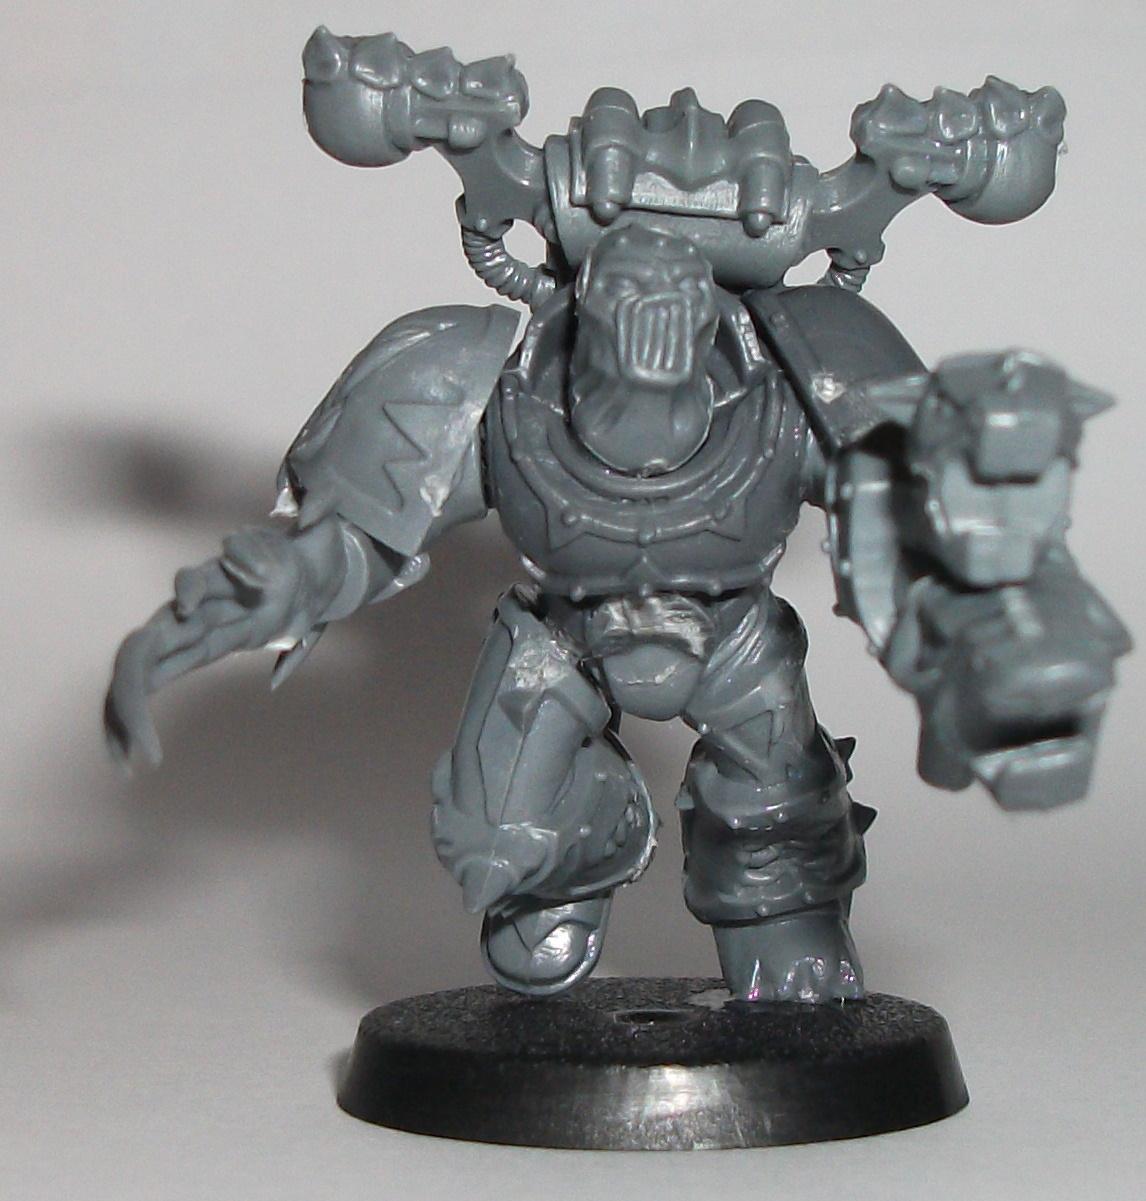 Fellshriek with MK15 prototype Screech Master